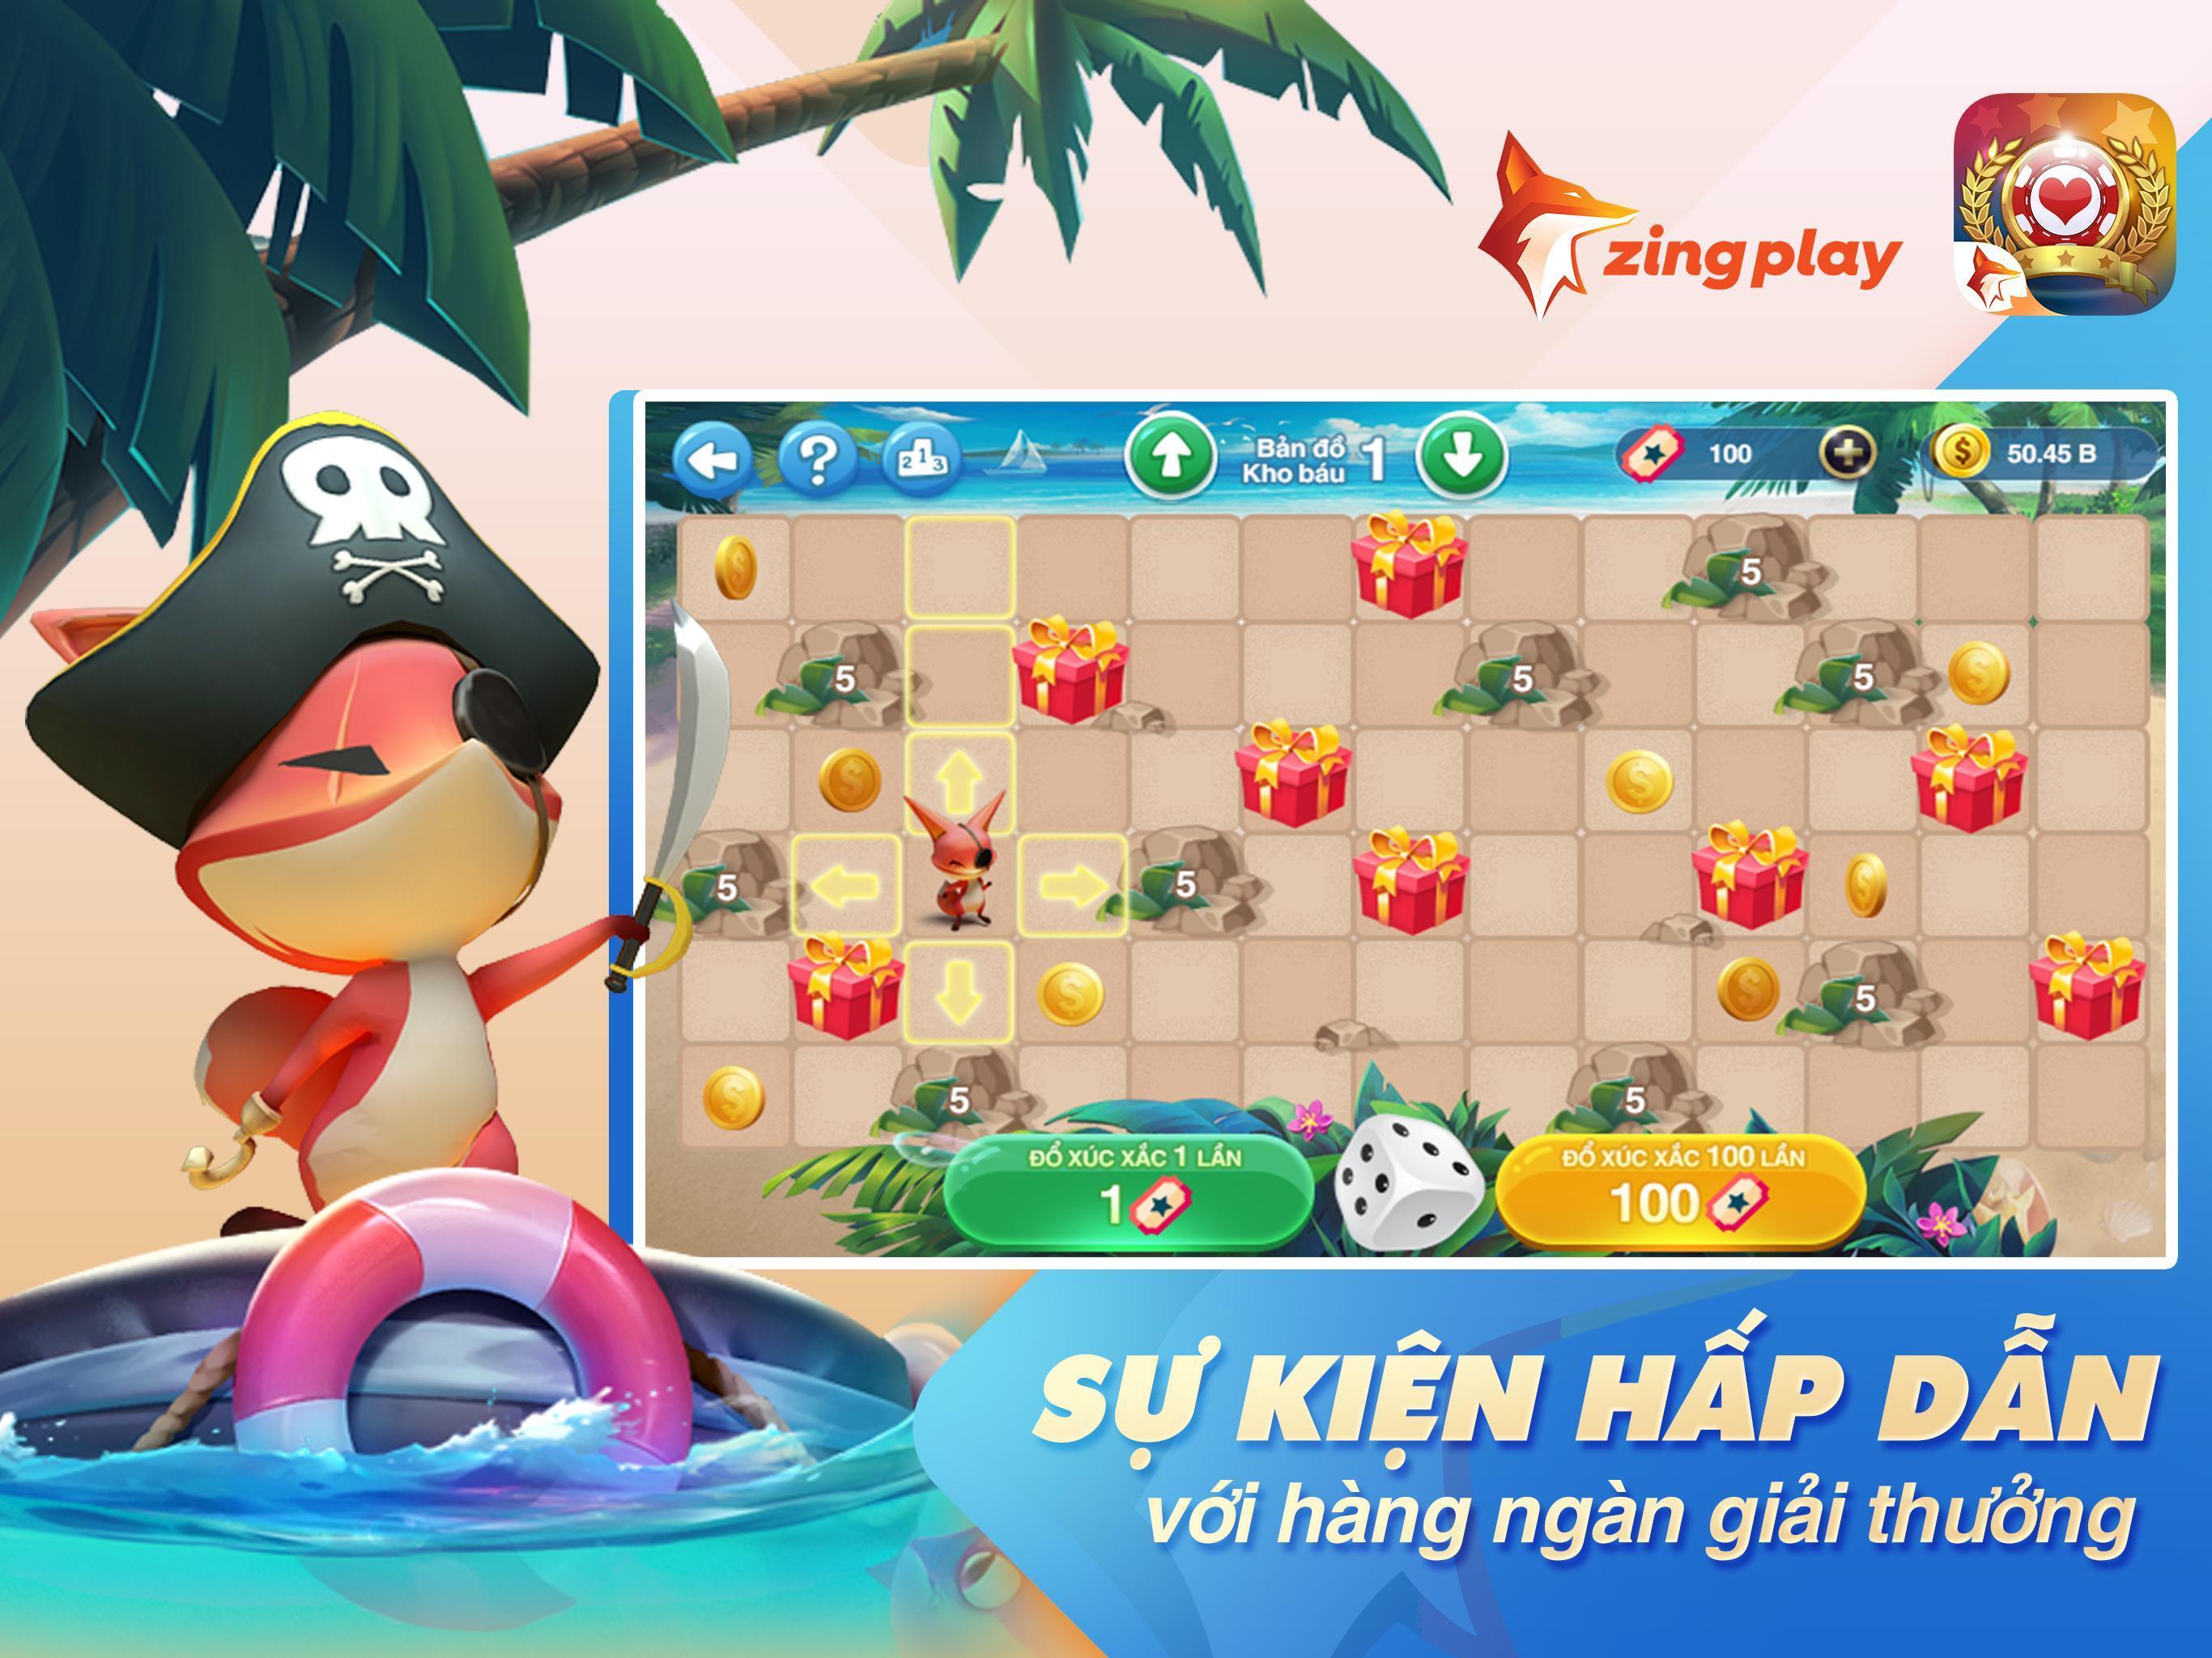 Tiến lên Miền Nam- Tiến Lên - tien len - ZingPlay 4.9 Screenshot 9